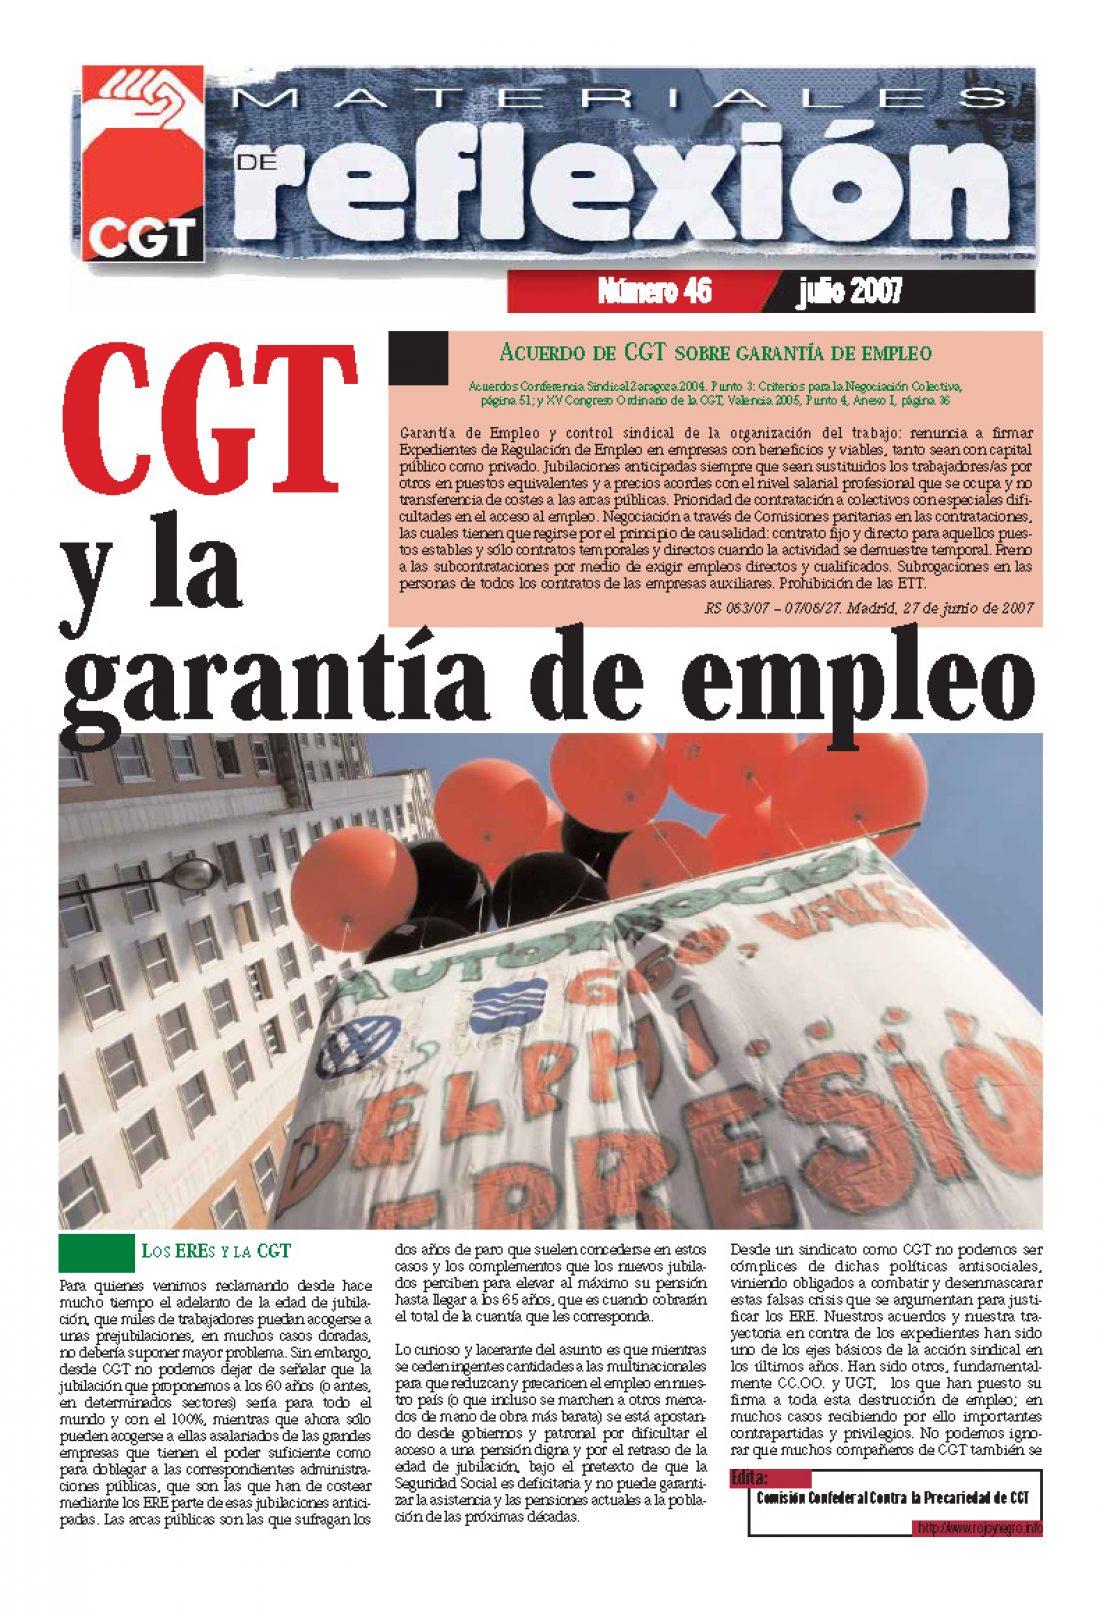 MR 46 Acuerdos de CGT sobre Garantía